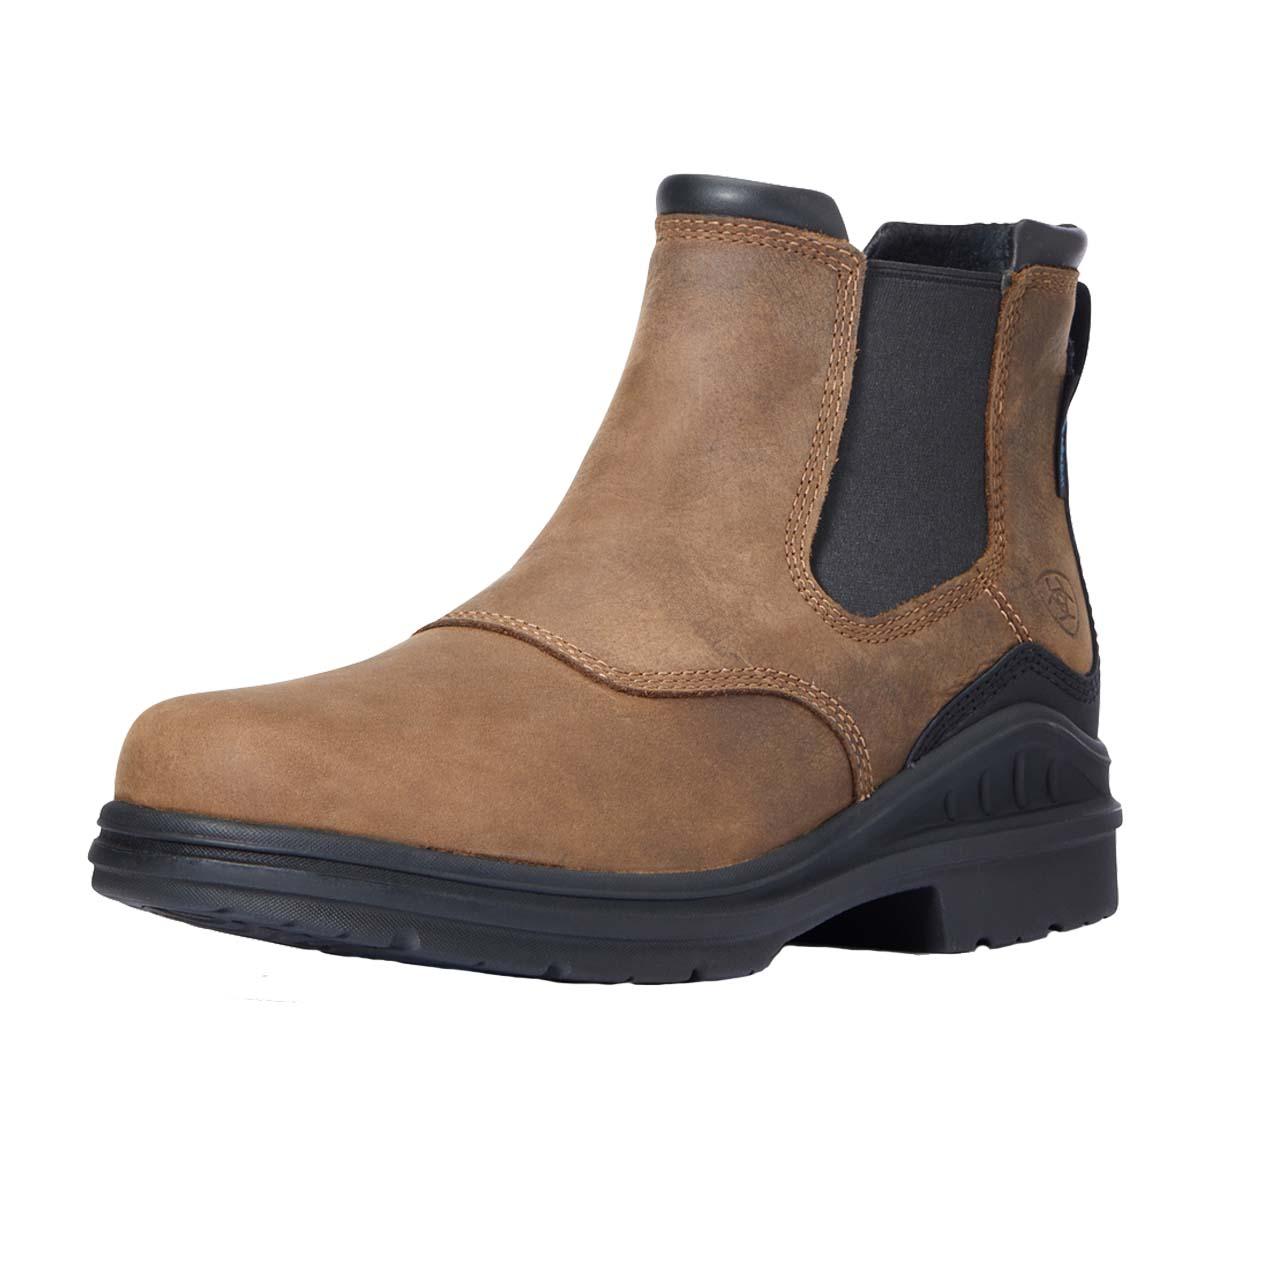 Ariat Barnyard Twin Gore II heren schoenen donkerbruin maat:45